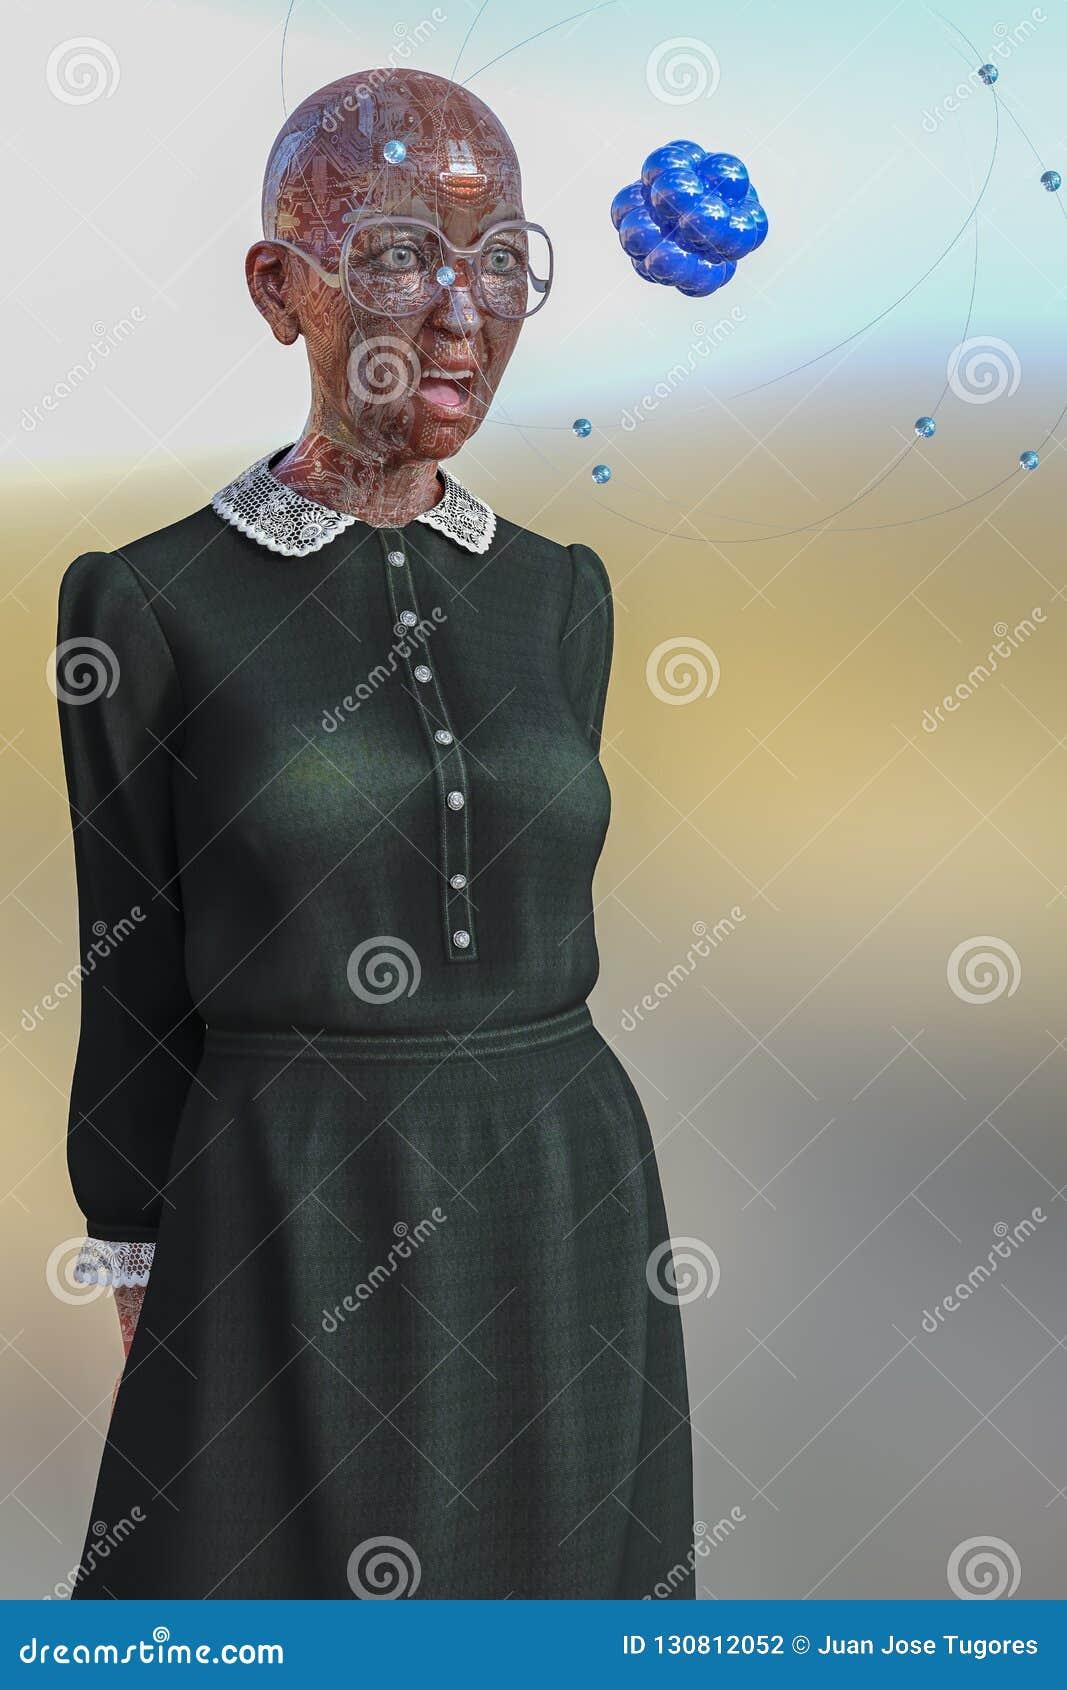 Illustratie van de mens met getatoeeerde kringen